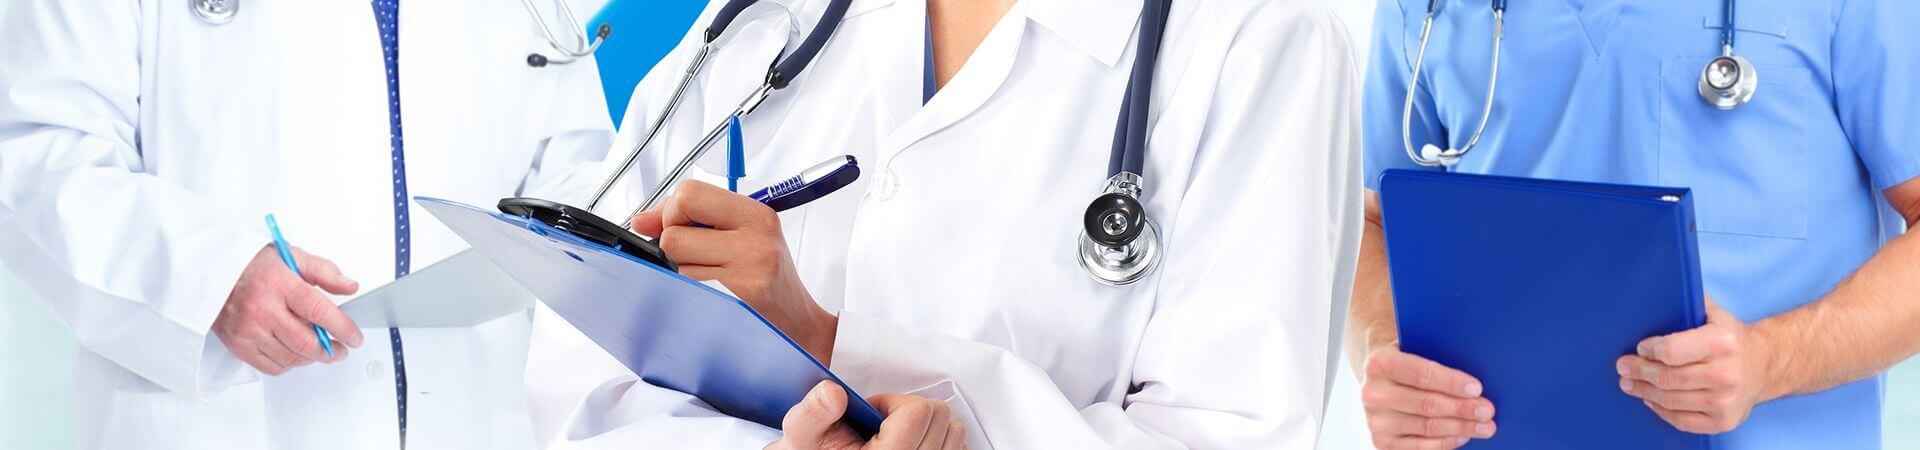 Ausbildung Und Praktikum St Josef Krankenhaus Gmbh Moers